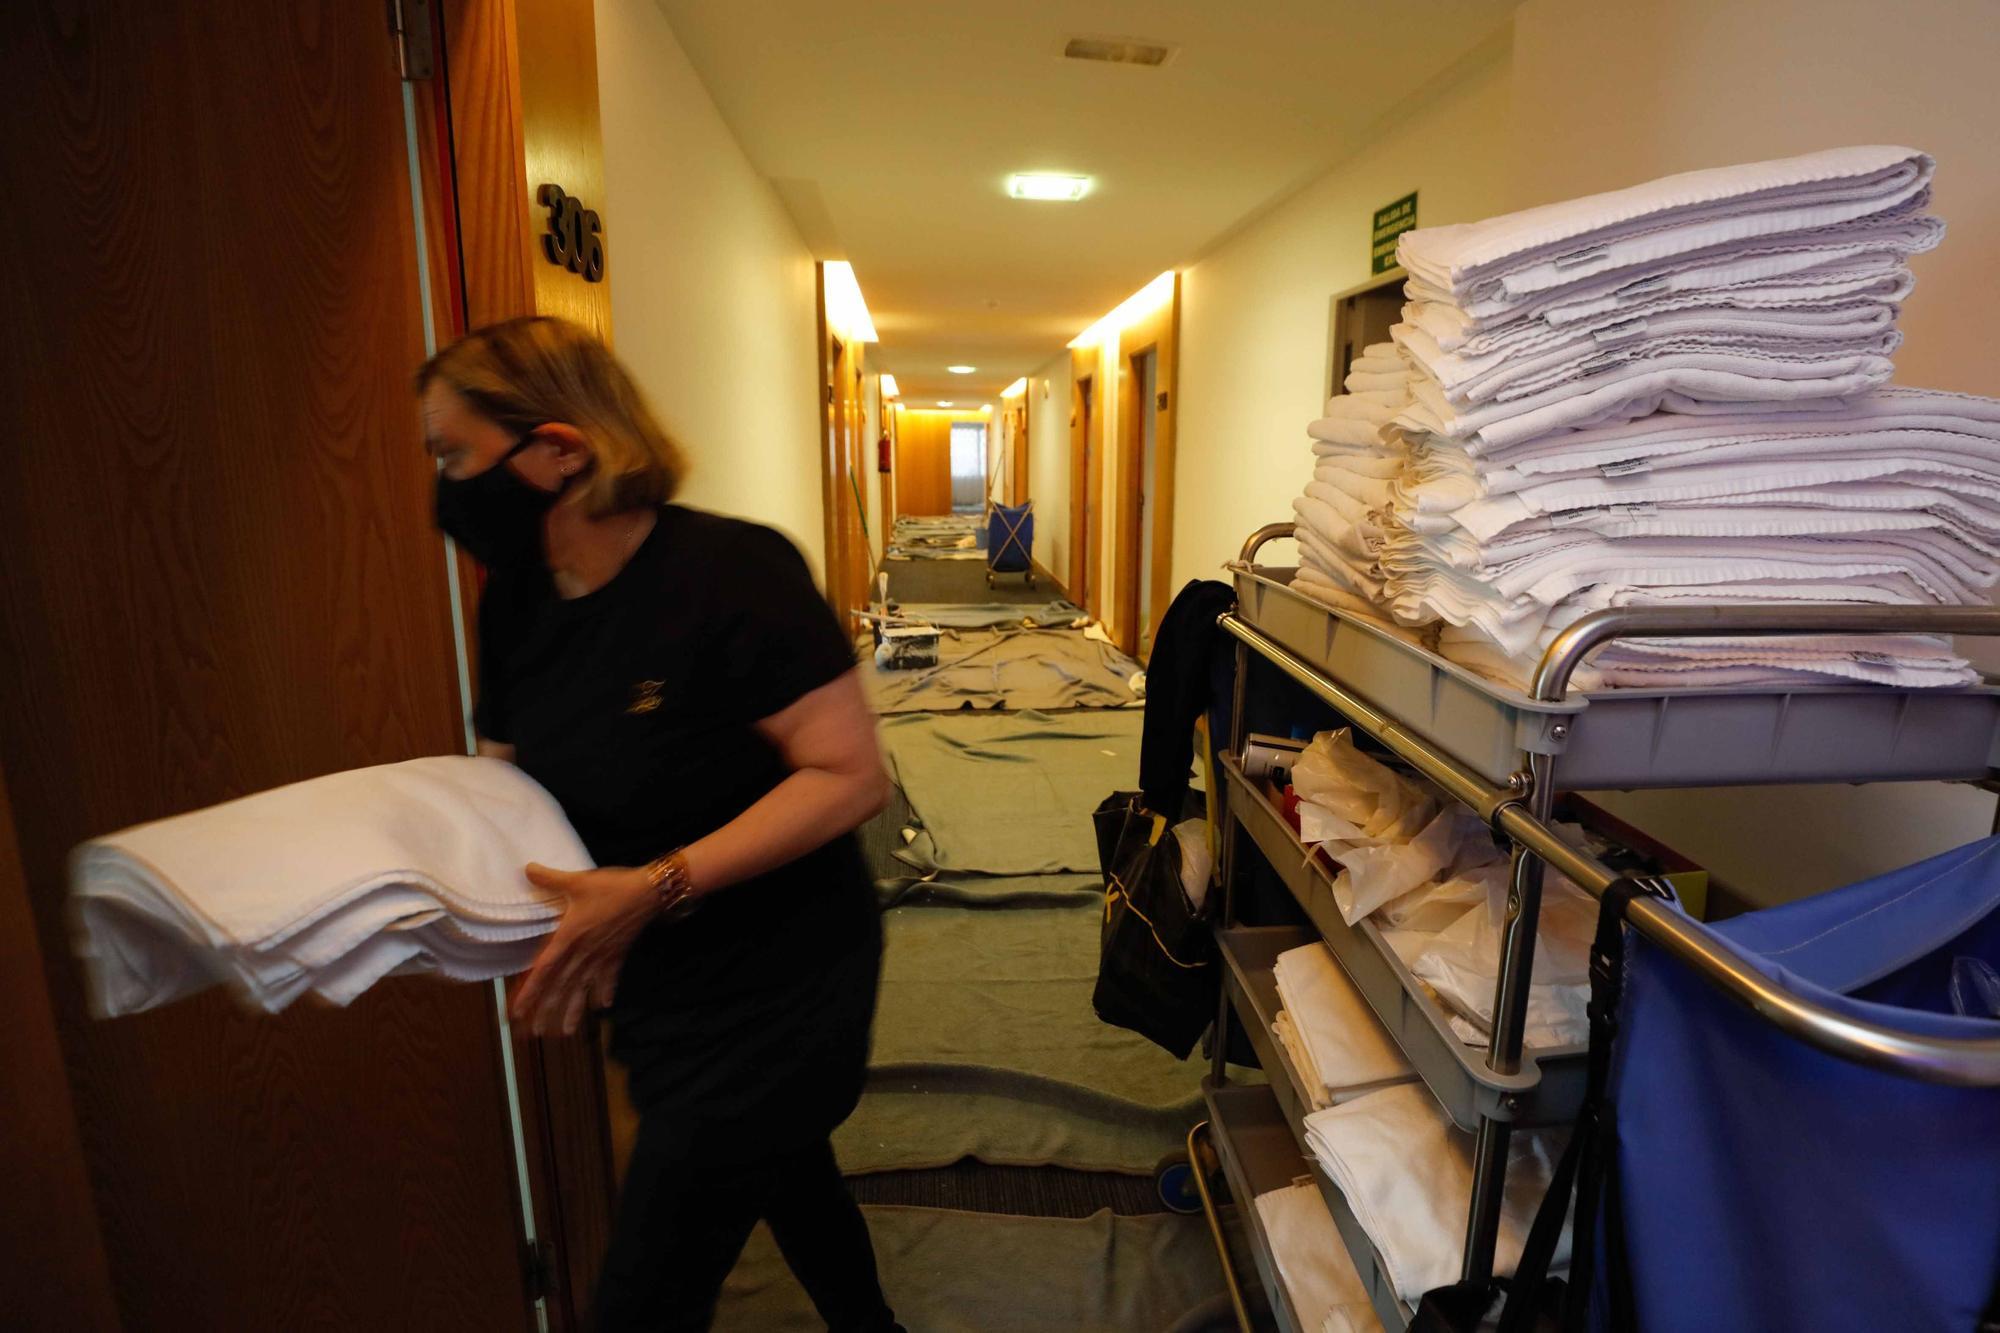 La reapertura de un hotel de Ibiza: patas arriba a 10 días de otra temporada incierta